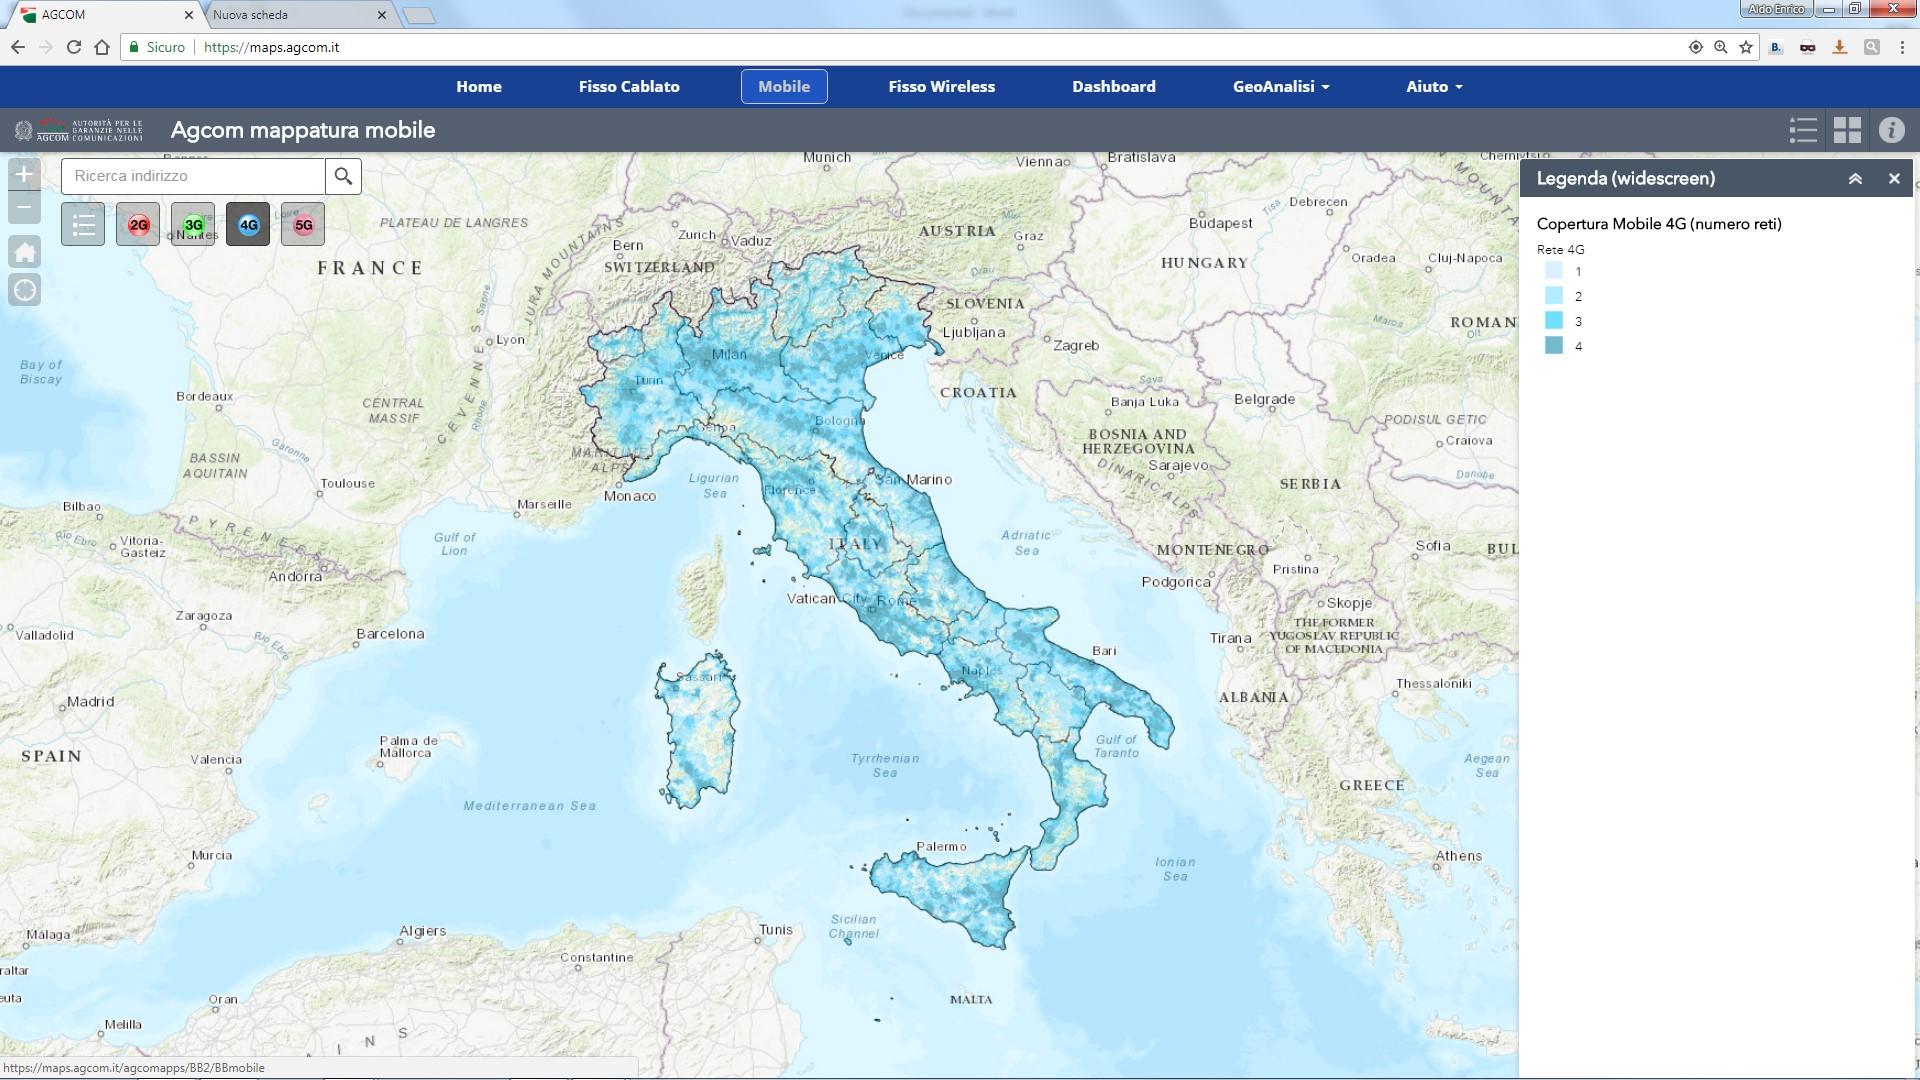 Cartina Italia Per Siti Web.Mappatura Delle Reti Di Accesso Ad Internet Agcom